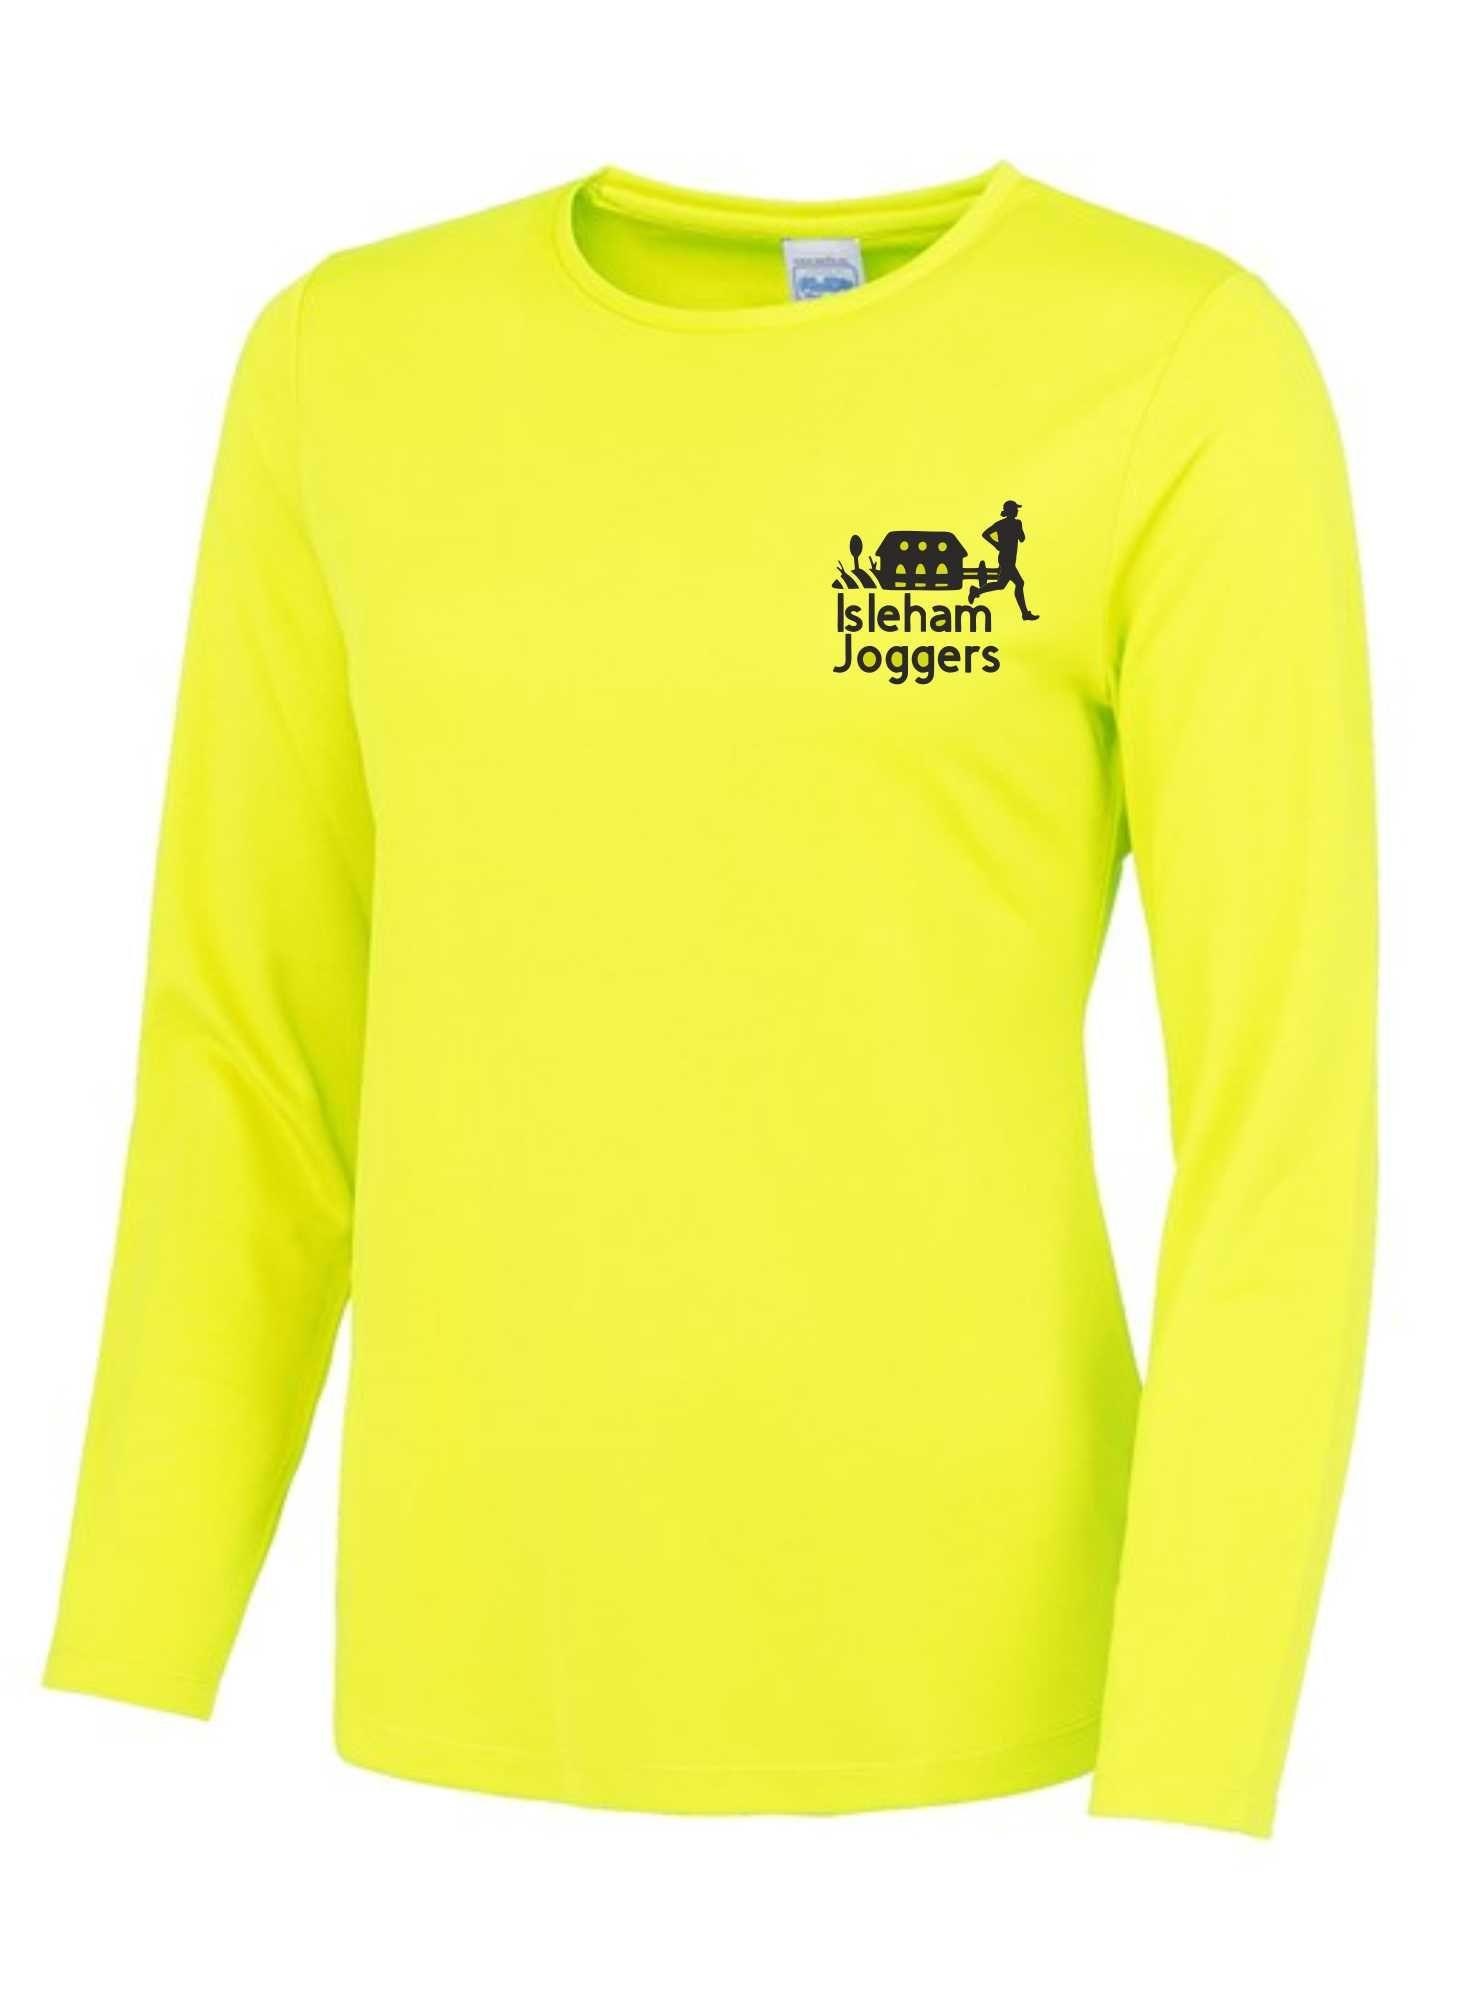 Isleham Joggers- Ladies L/S T-Shirt